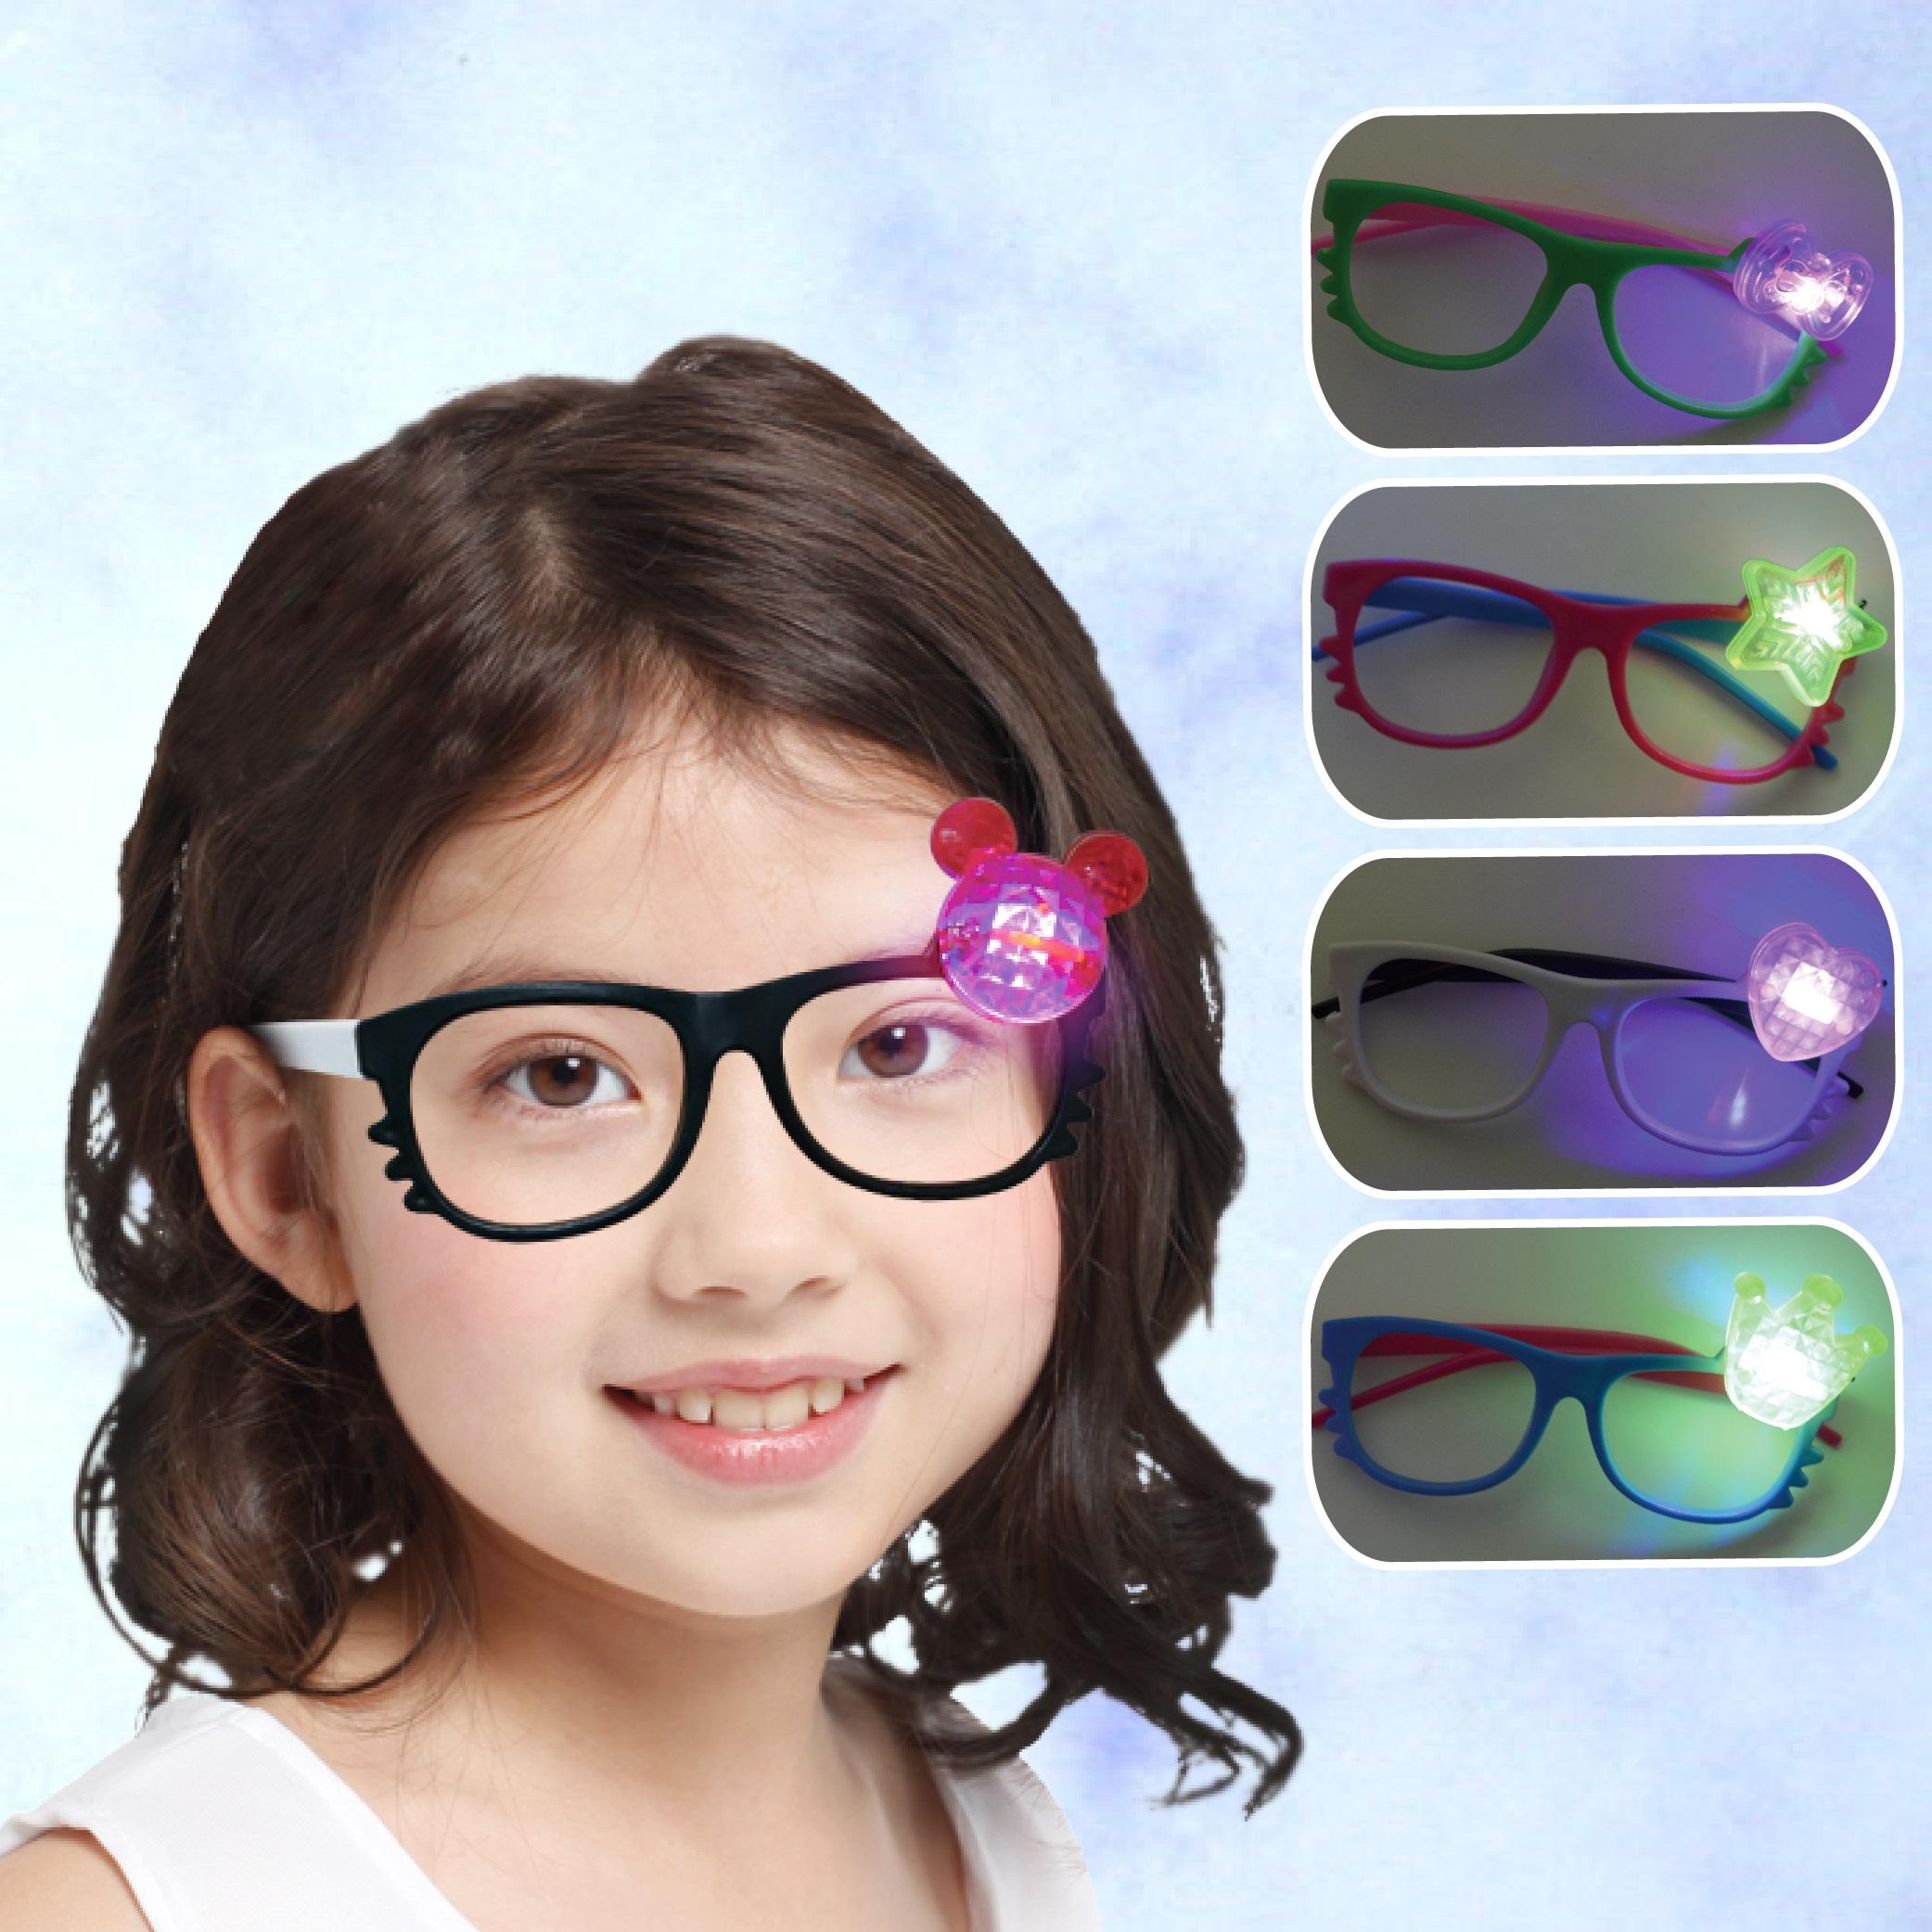 X射線【W274875】可愛貓亮燈造型眼鏡,萬聖節/派對用品/舞會道具/cosplay/角色扮演/搞笑/面具/年終尾牙/慶生/kitty